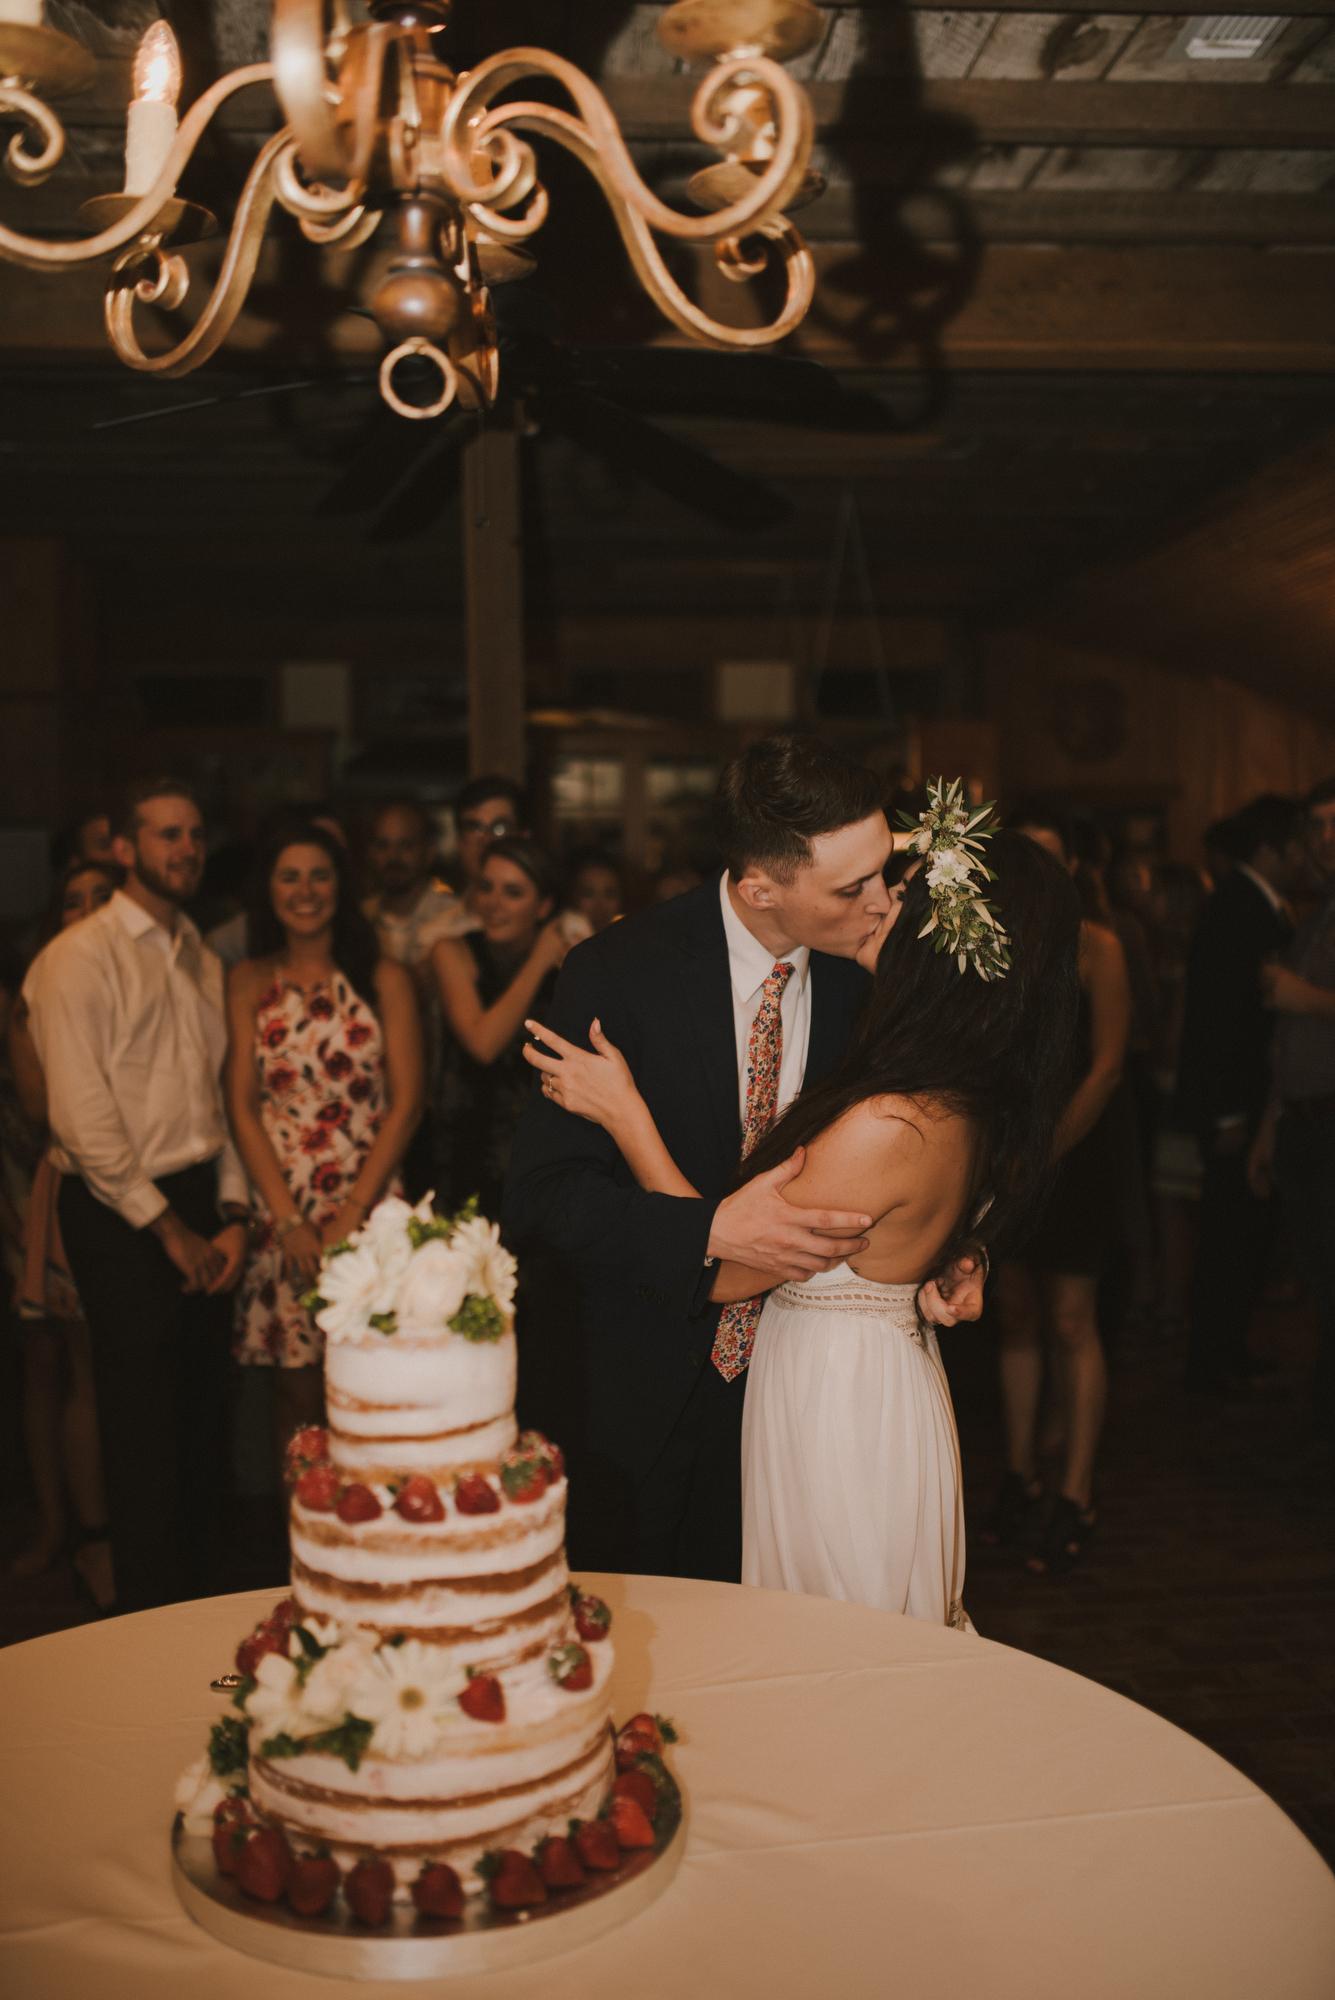 ofRen_weddingphotography105.JPG